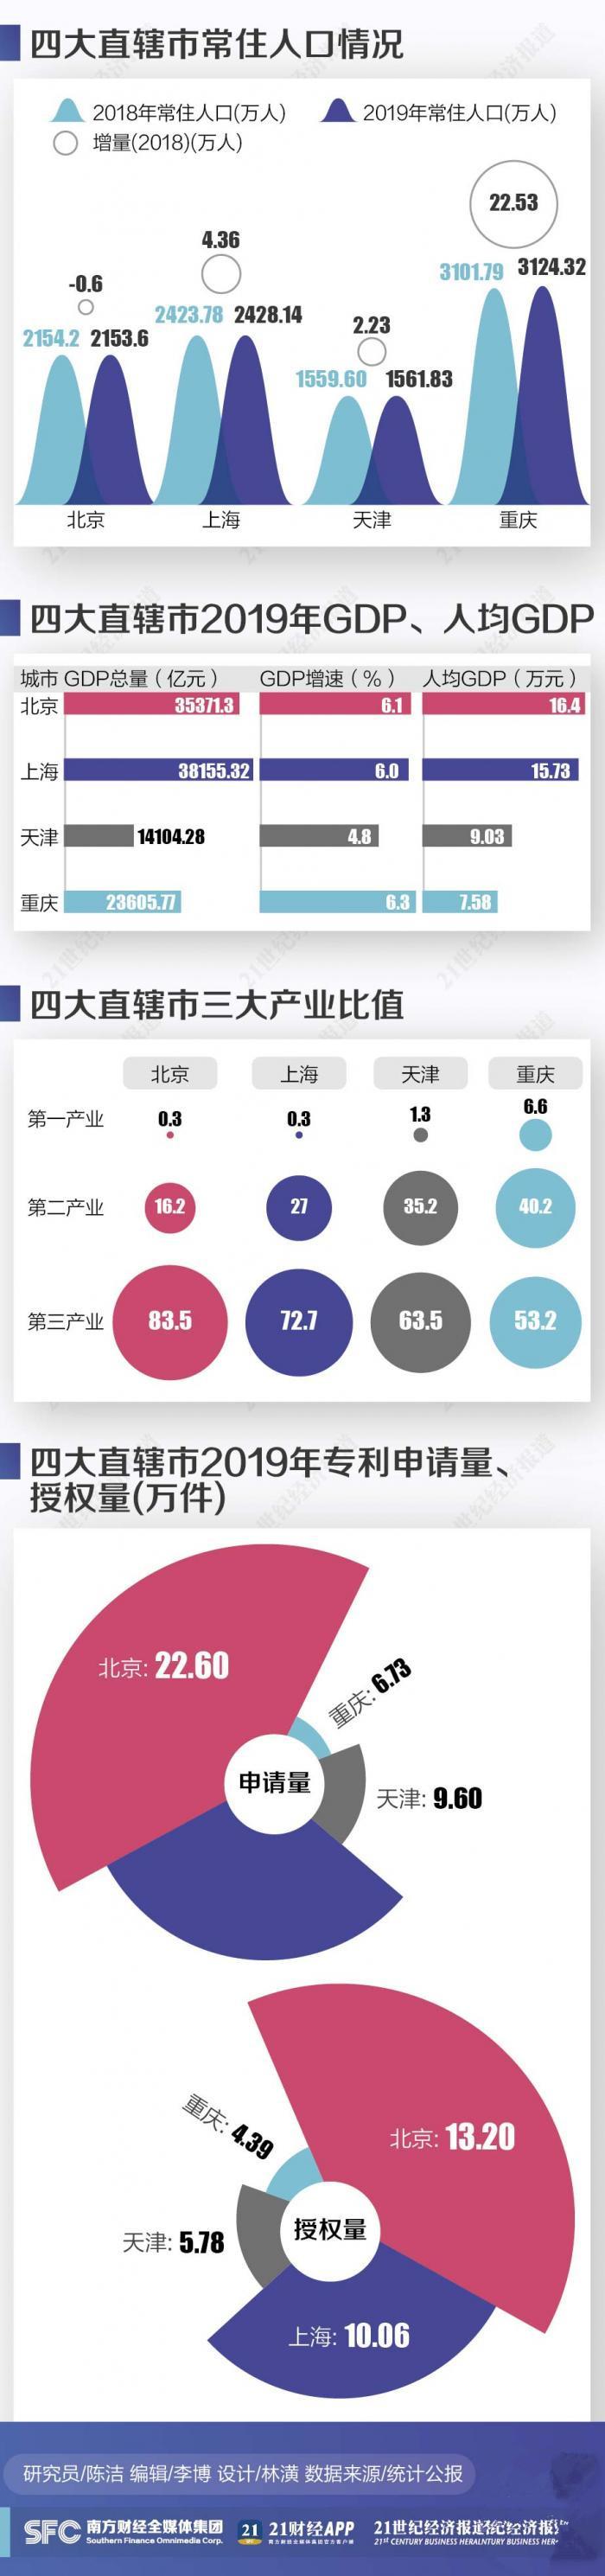 北京常住人口_最新人口数据出炉!广东山东常住人口破亿,浙江净流入居首